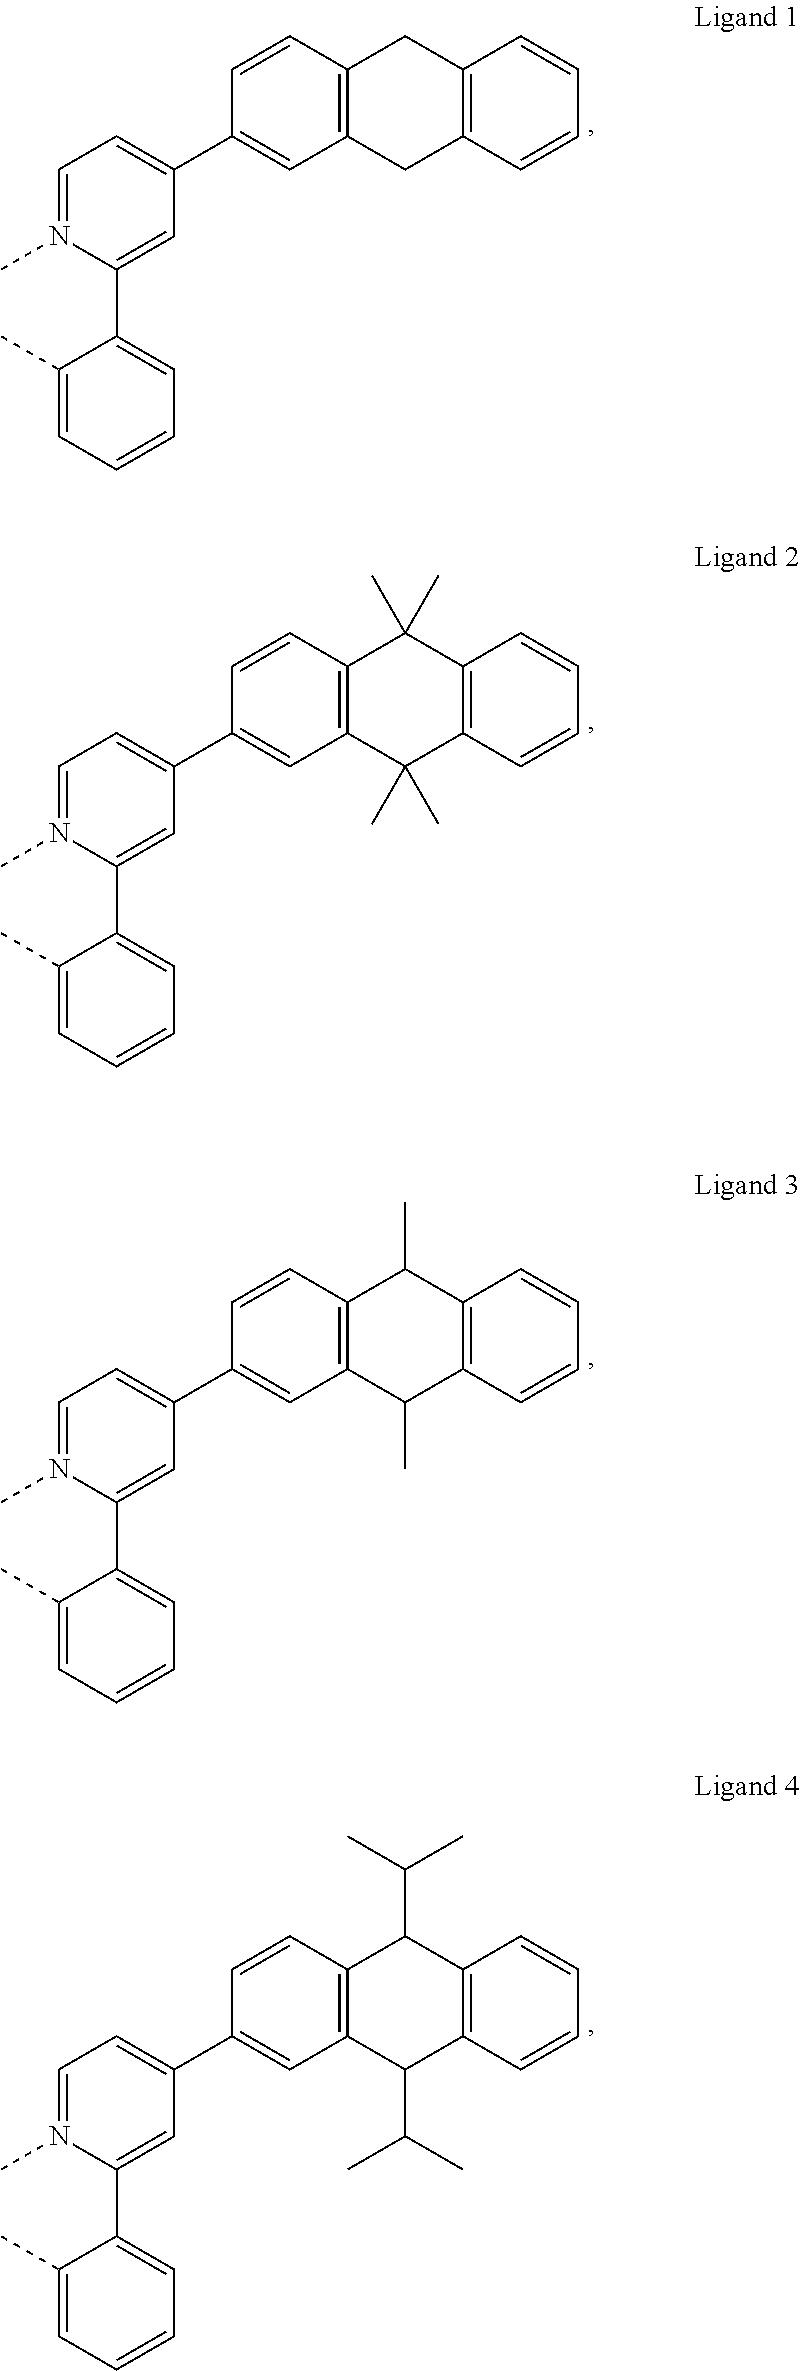 Figure US20180130962A1-20180510-C00030